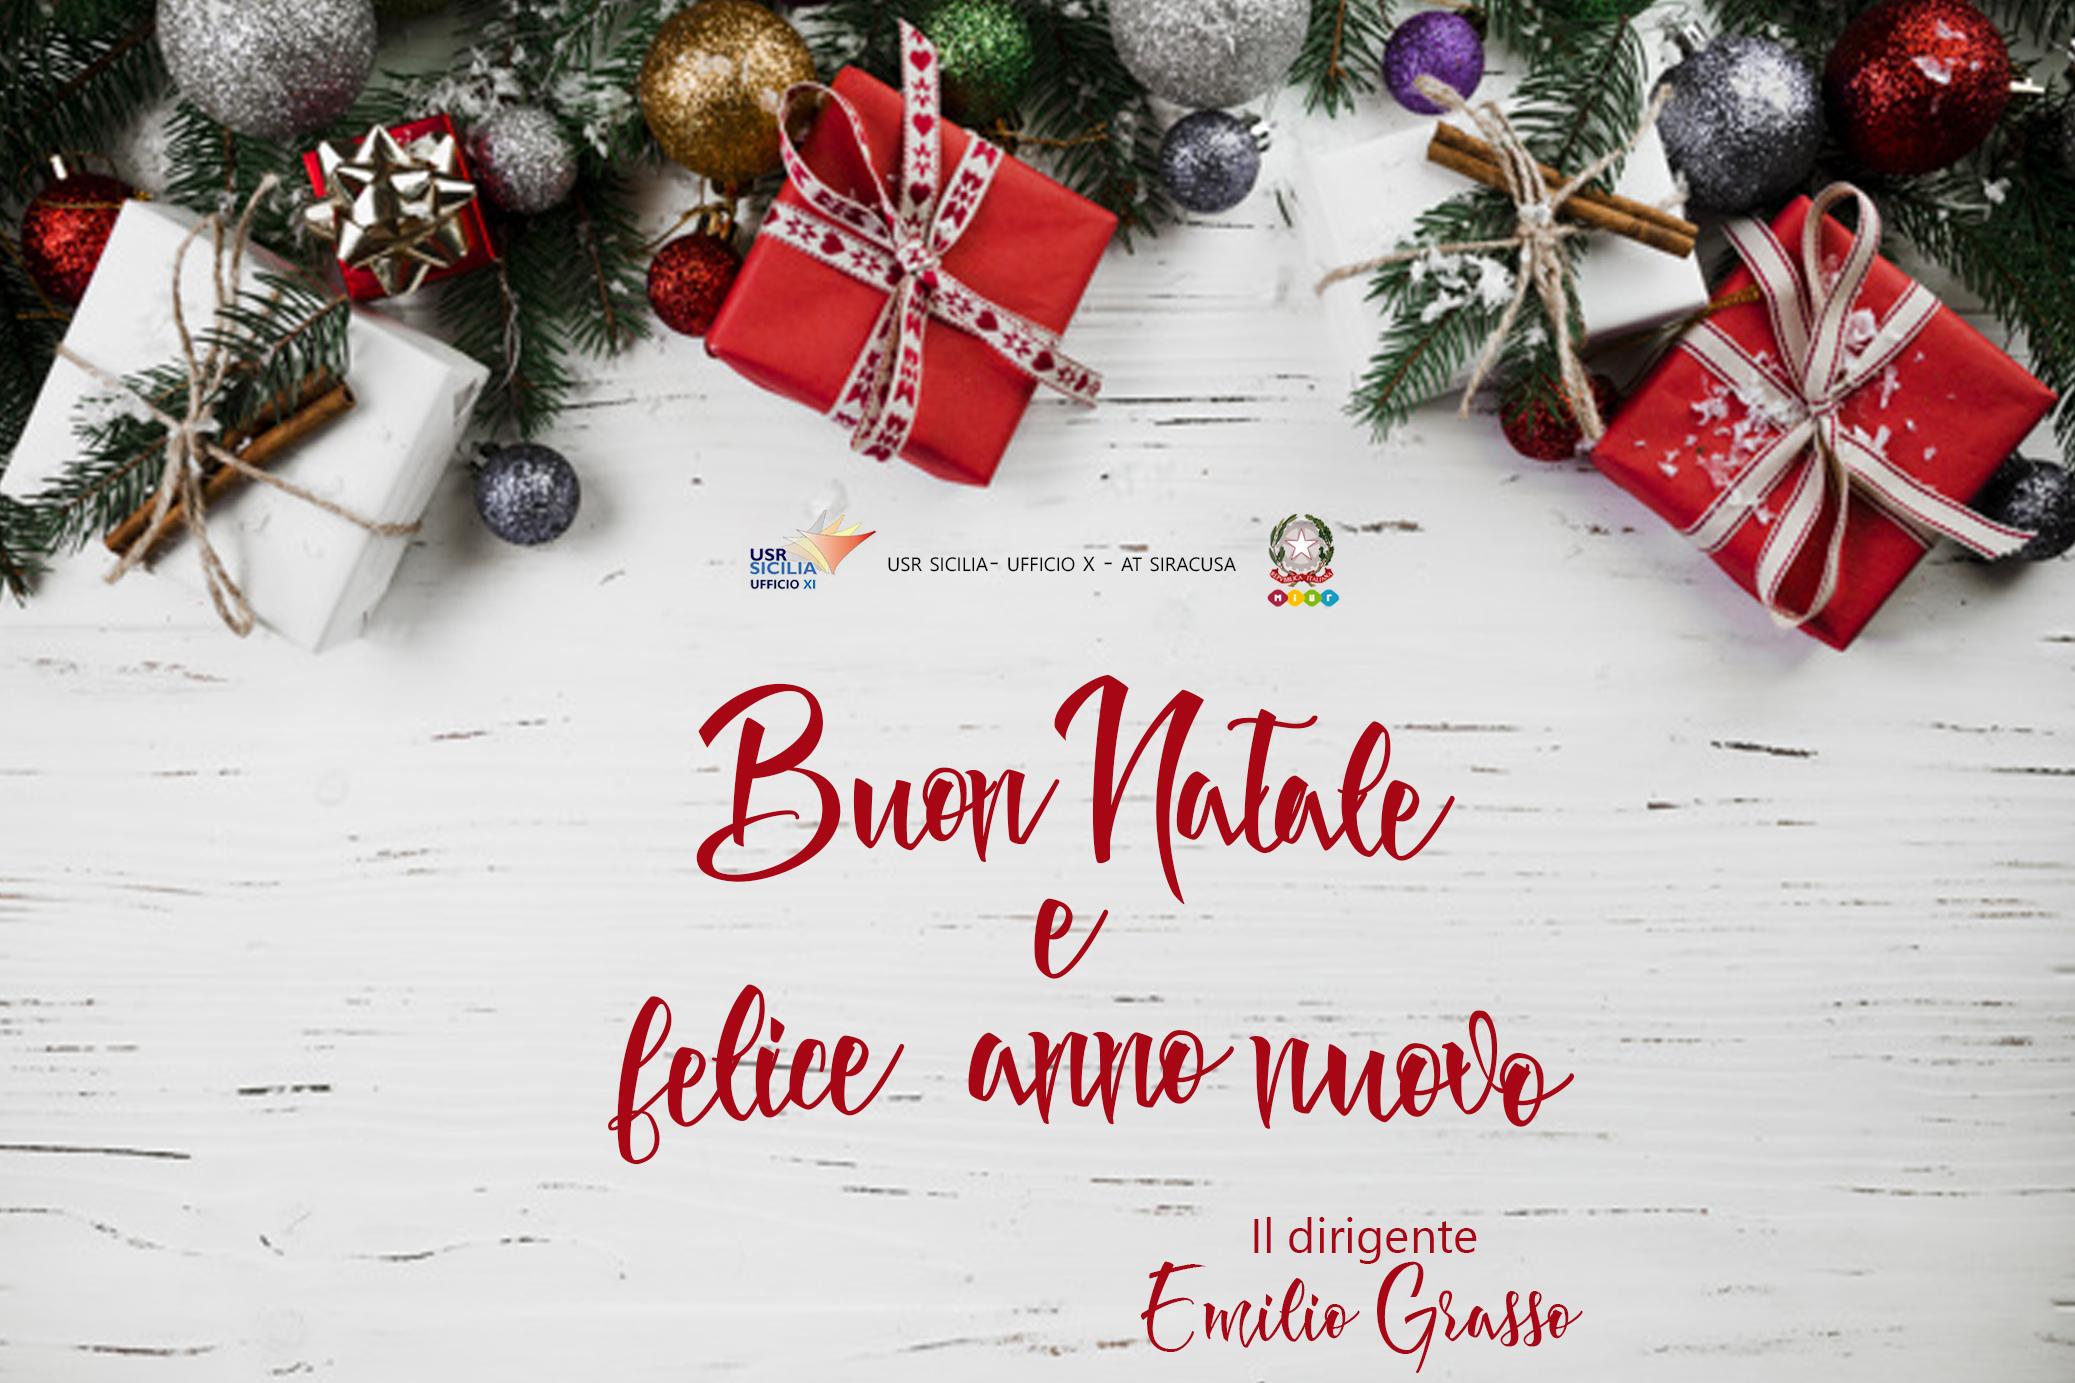 Auguri Di Buon Natale E Felice Anno Nuovo.Auguri Di Buon Natale In Siciliano